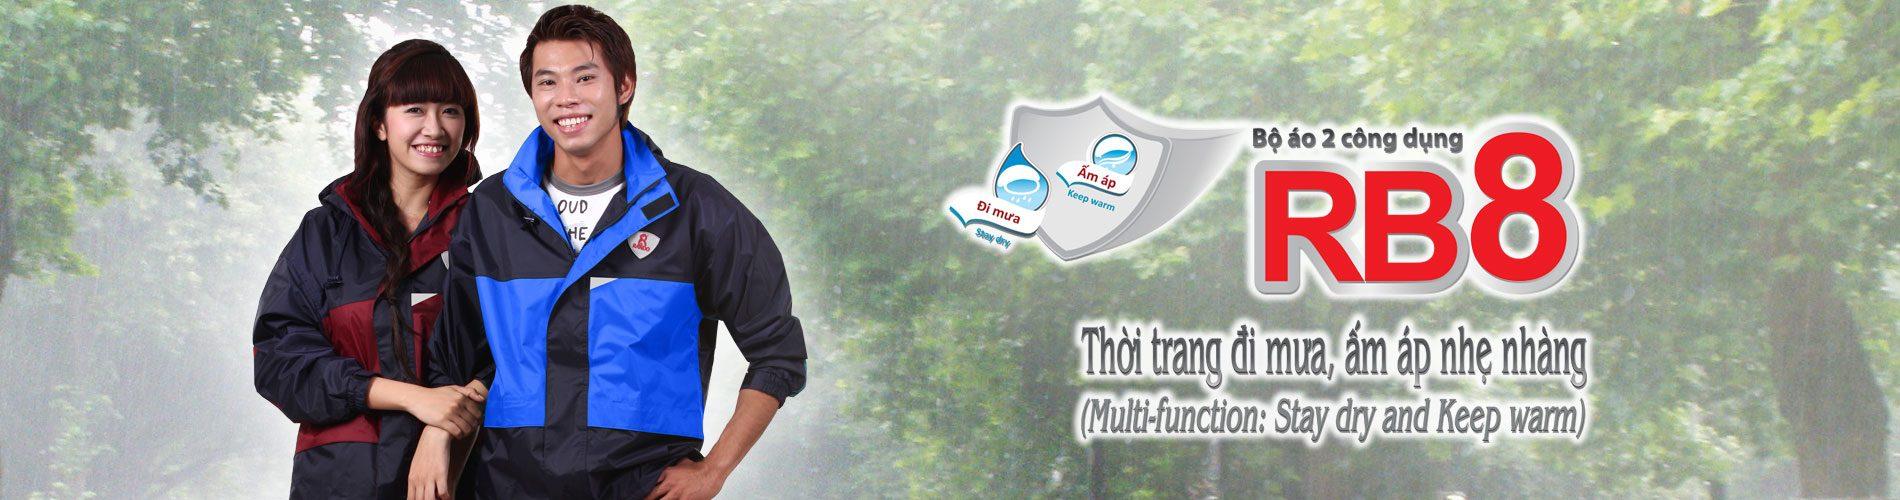 Áo mưa bộ 2 công dụng RB8-rando